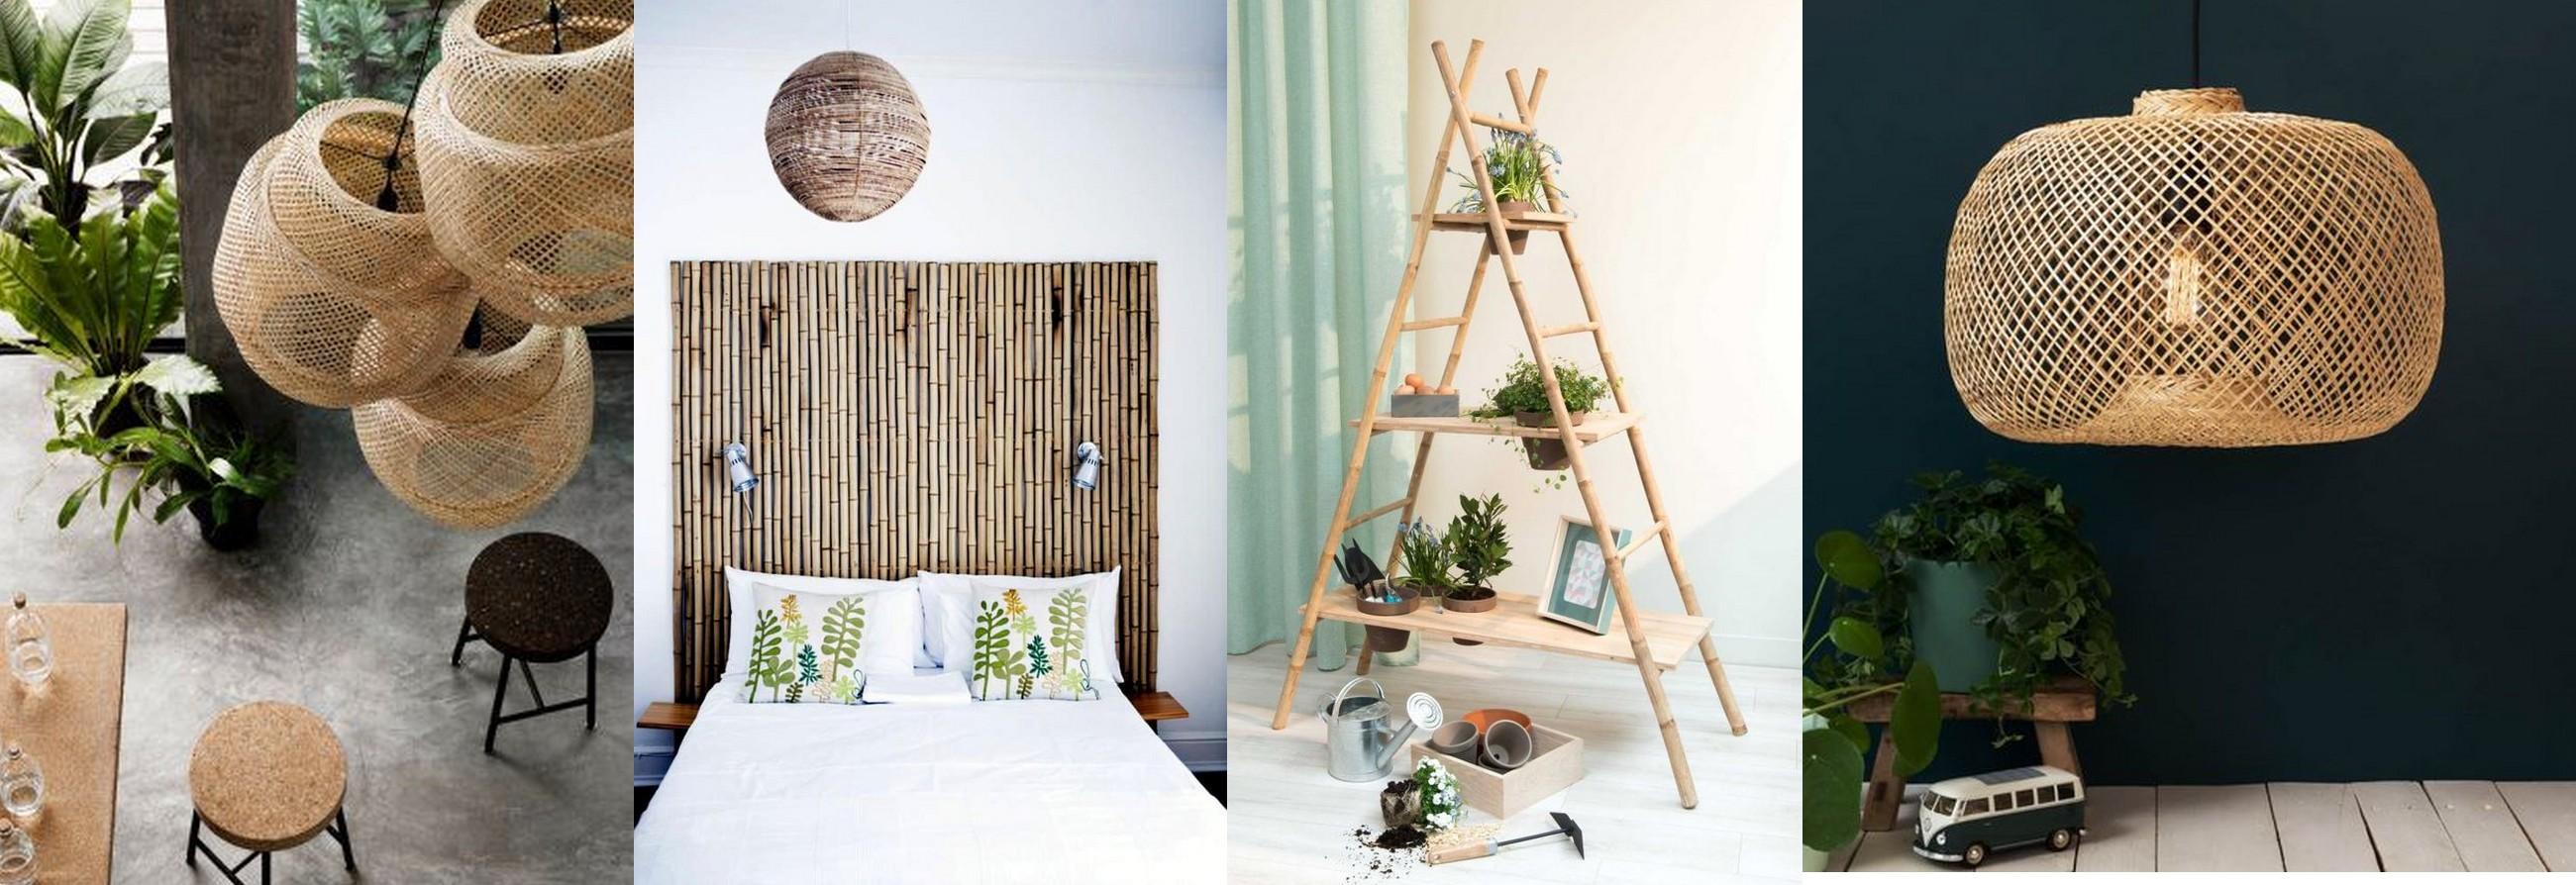 Matières naturelles [Bambou].jpg